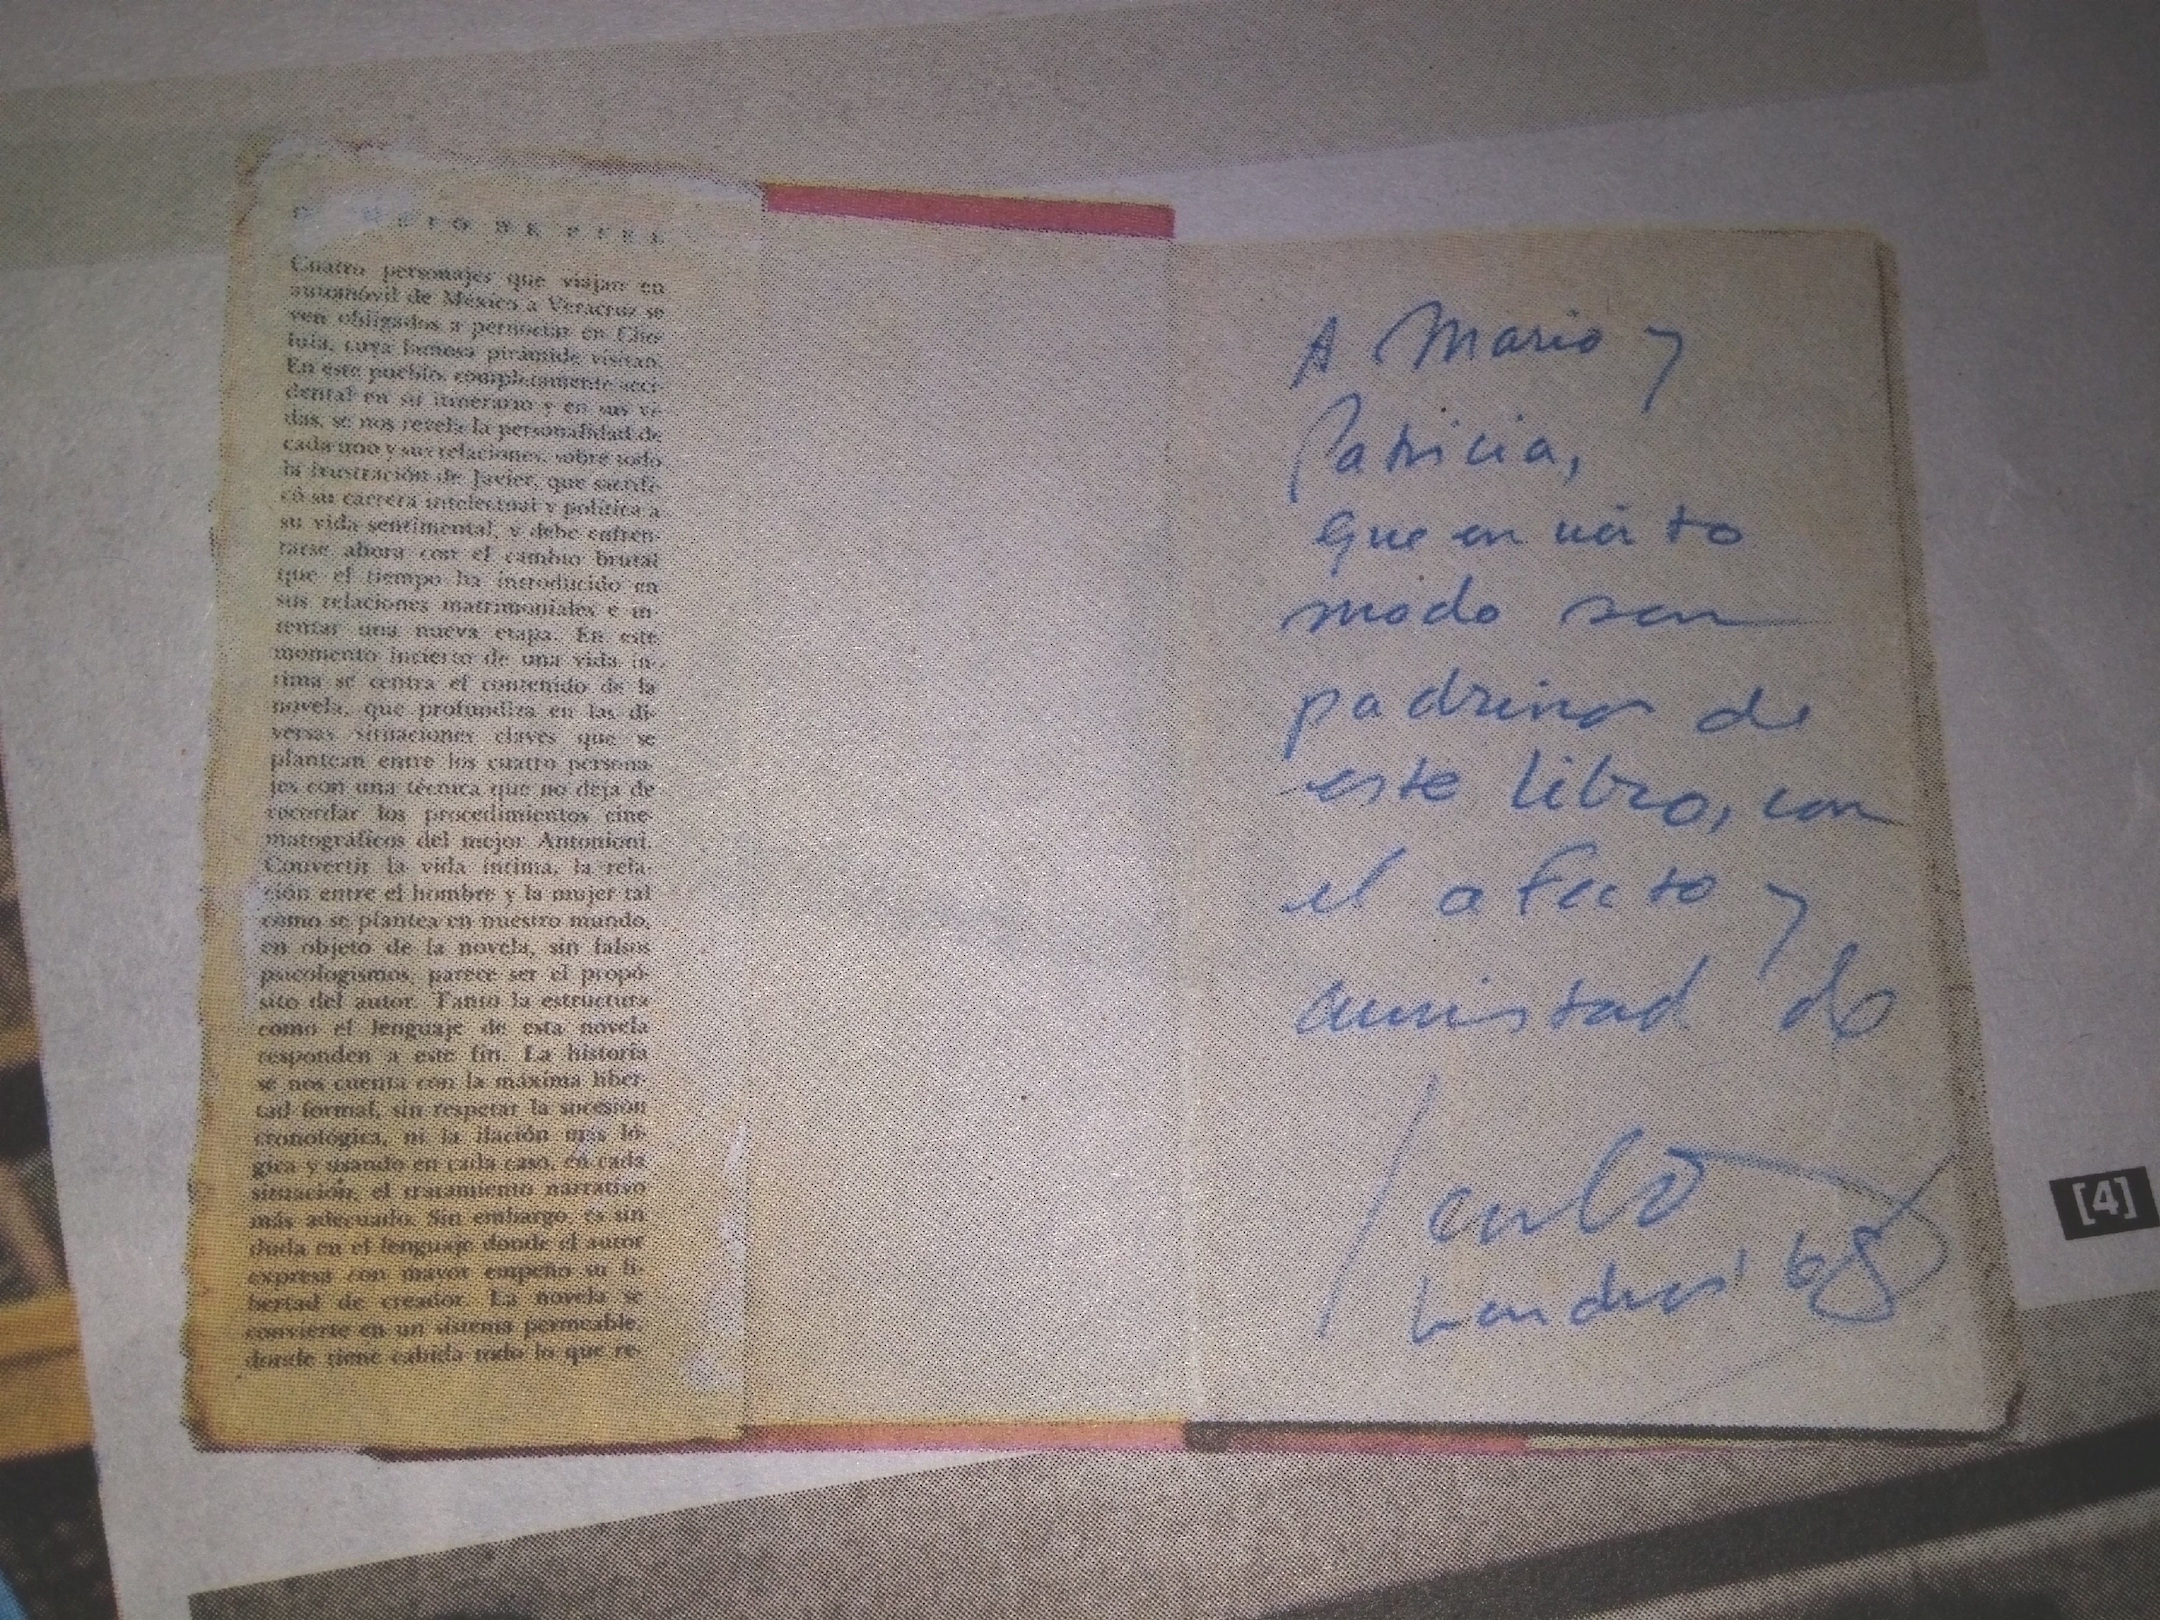 Carlos Fuentes, Vargas Llosa y La ciudad y los perros | La ciudad y ...